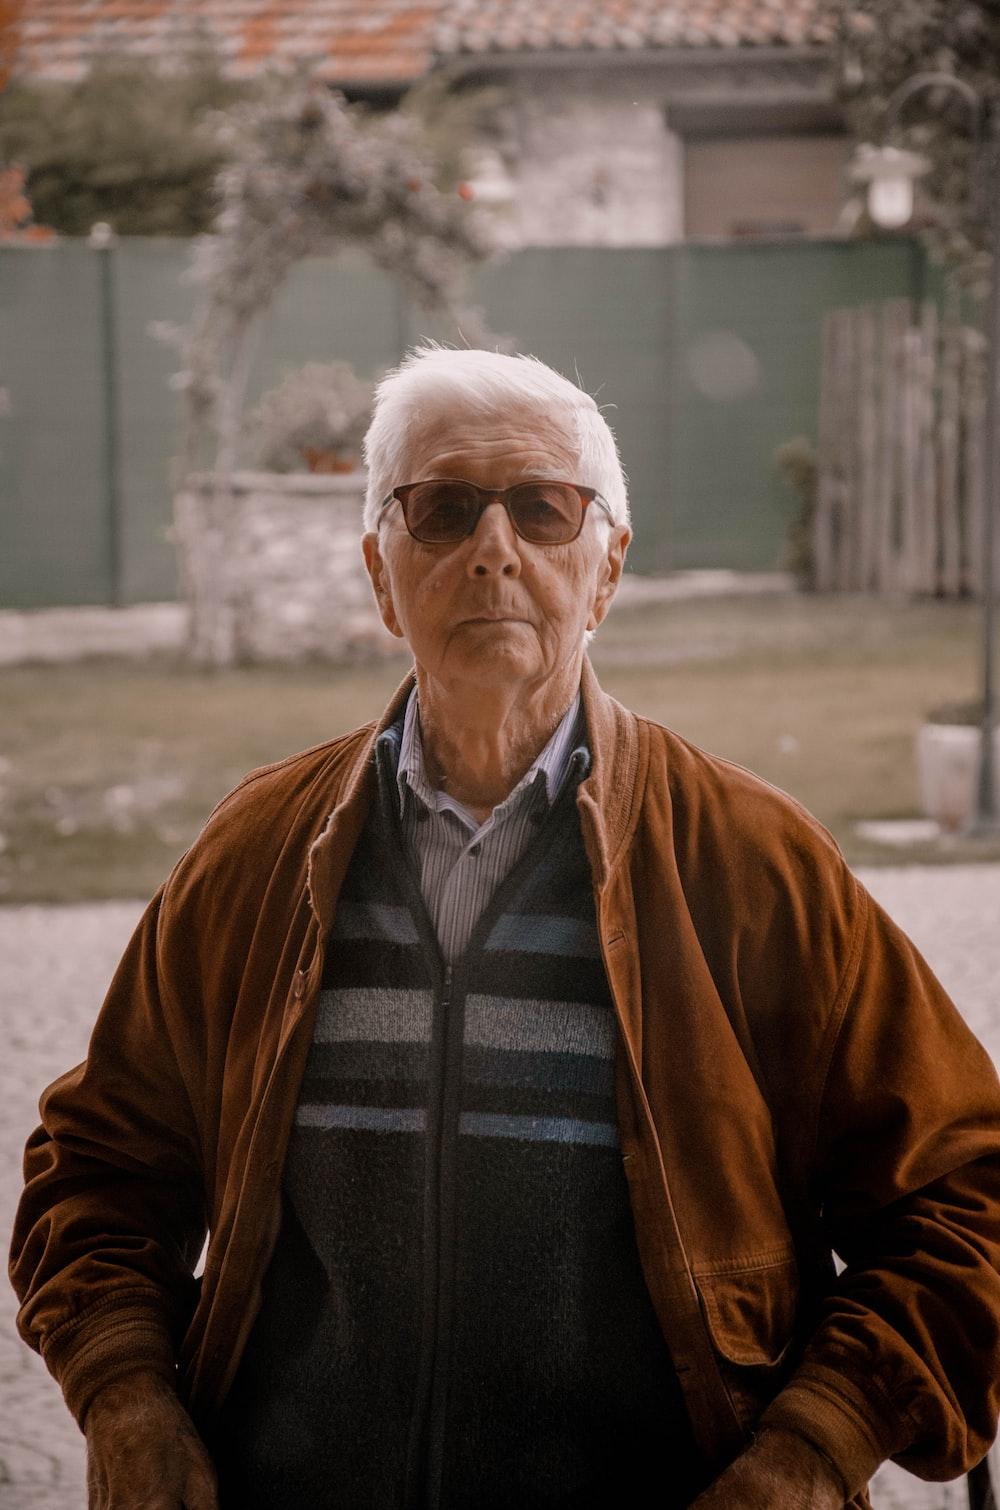 man in brown jacket wearing black framed eyeglasses